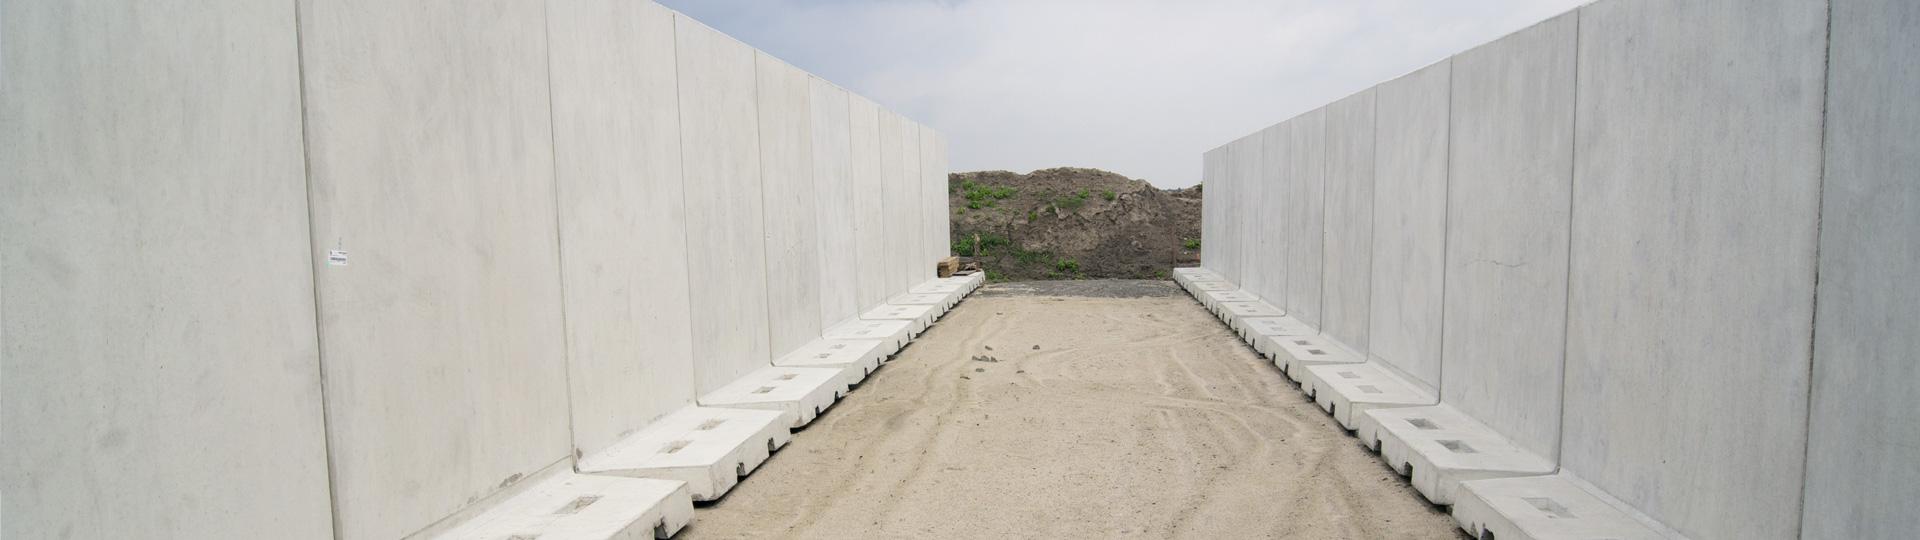 Silos betonowy do zakiszania paszy z kukurydzy oraz sianokiszonek i wysłodków